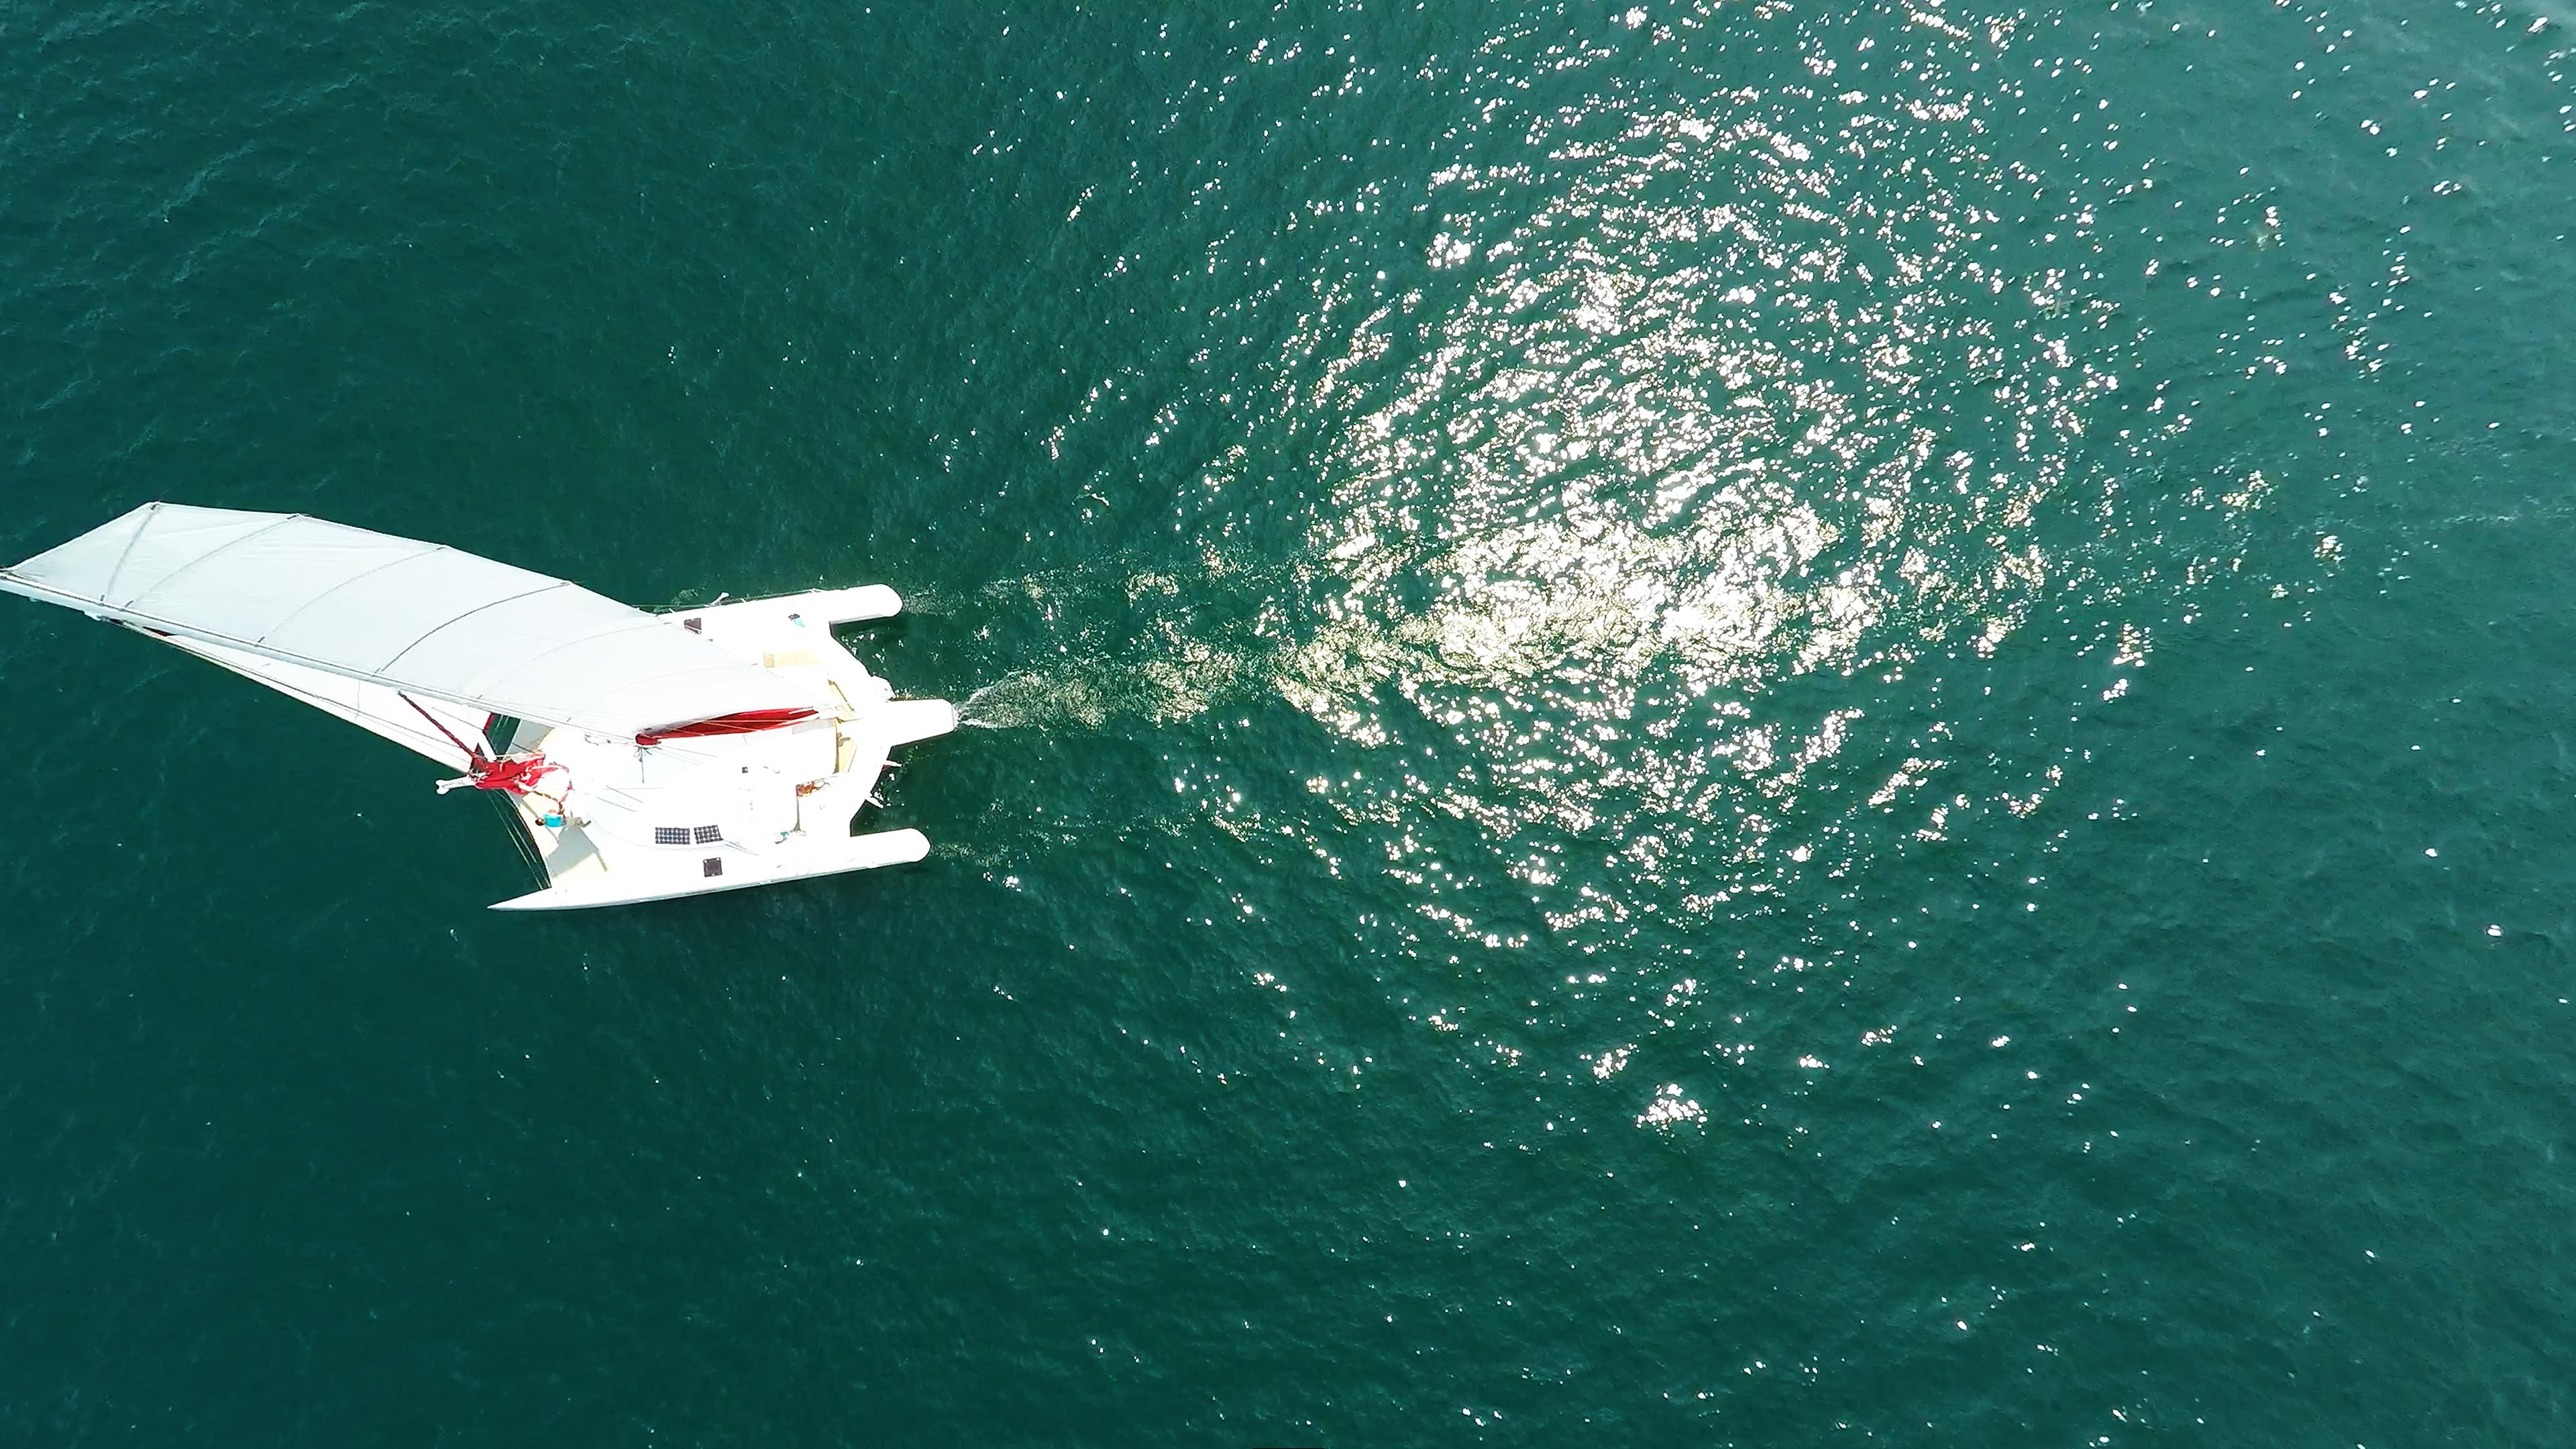 foto aerea nadir sole riflessa trimarano veleggiare mare